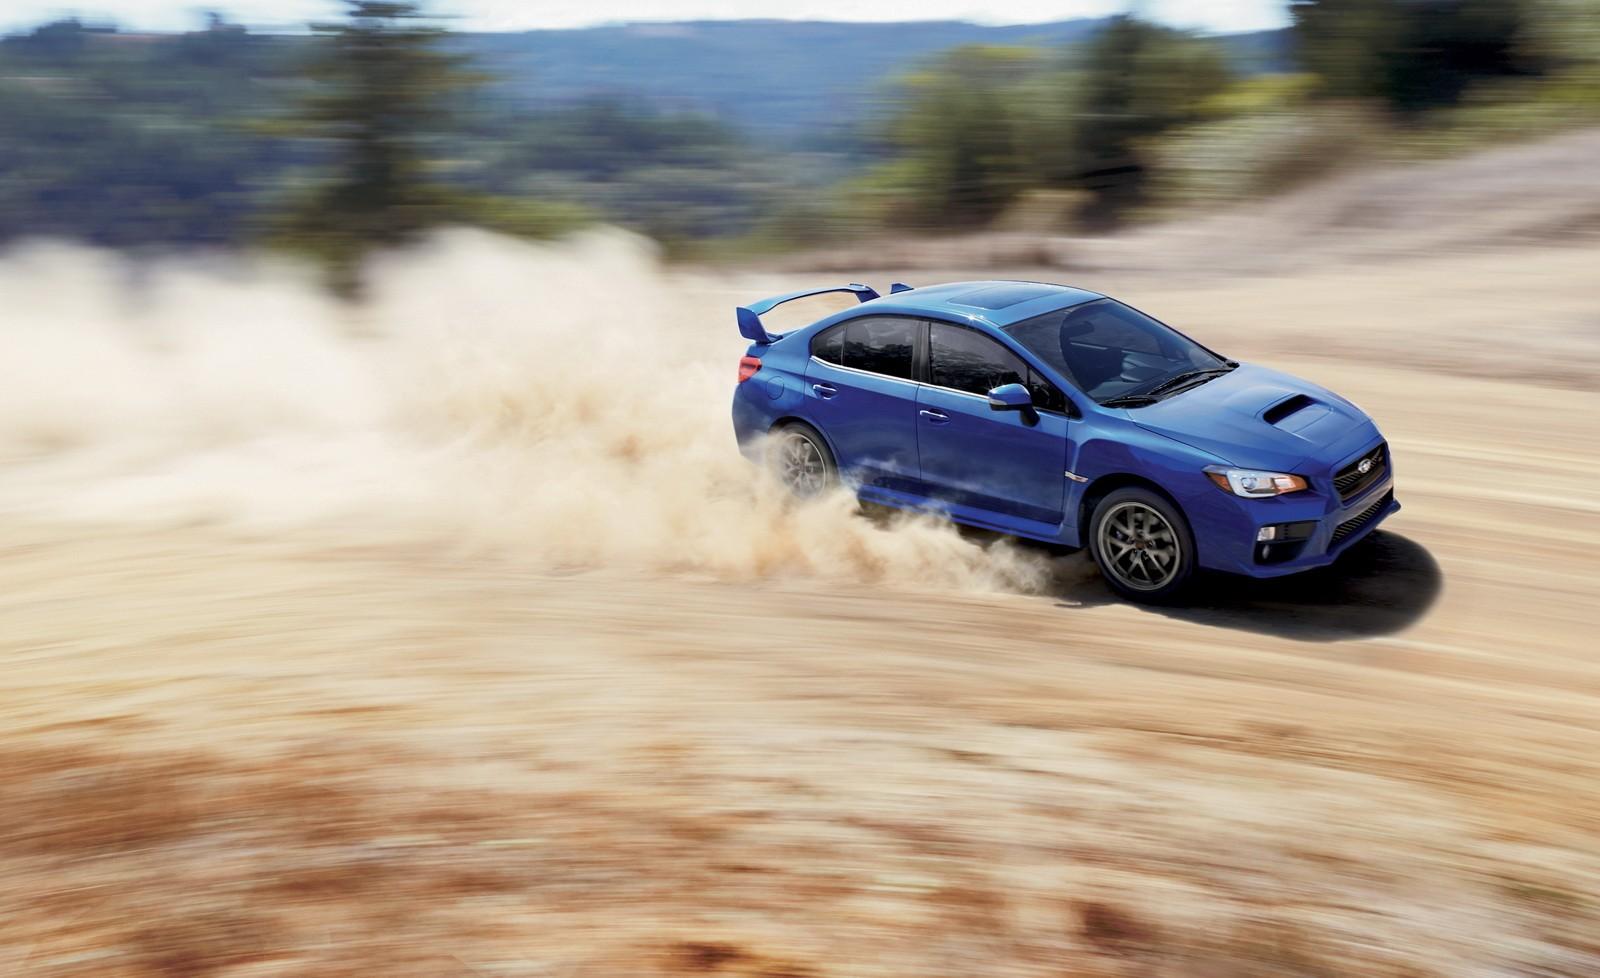 2017 Subaru WRX and 2017 Subaru WRX STI Priced in the ...